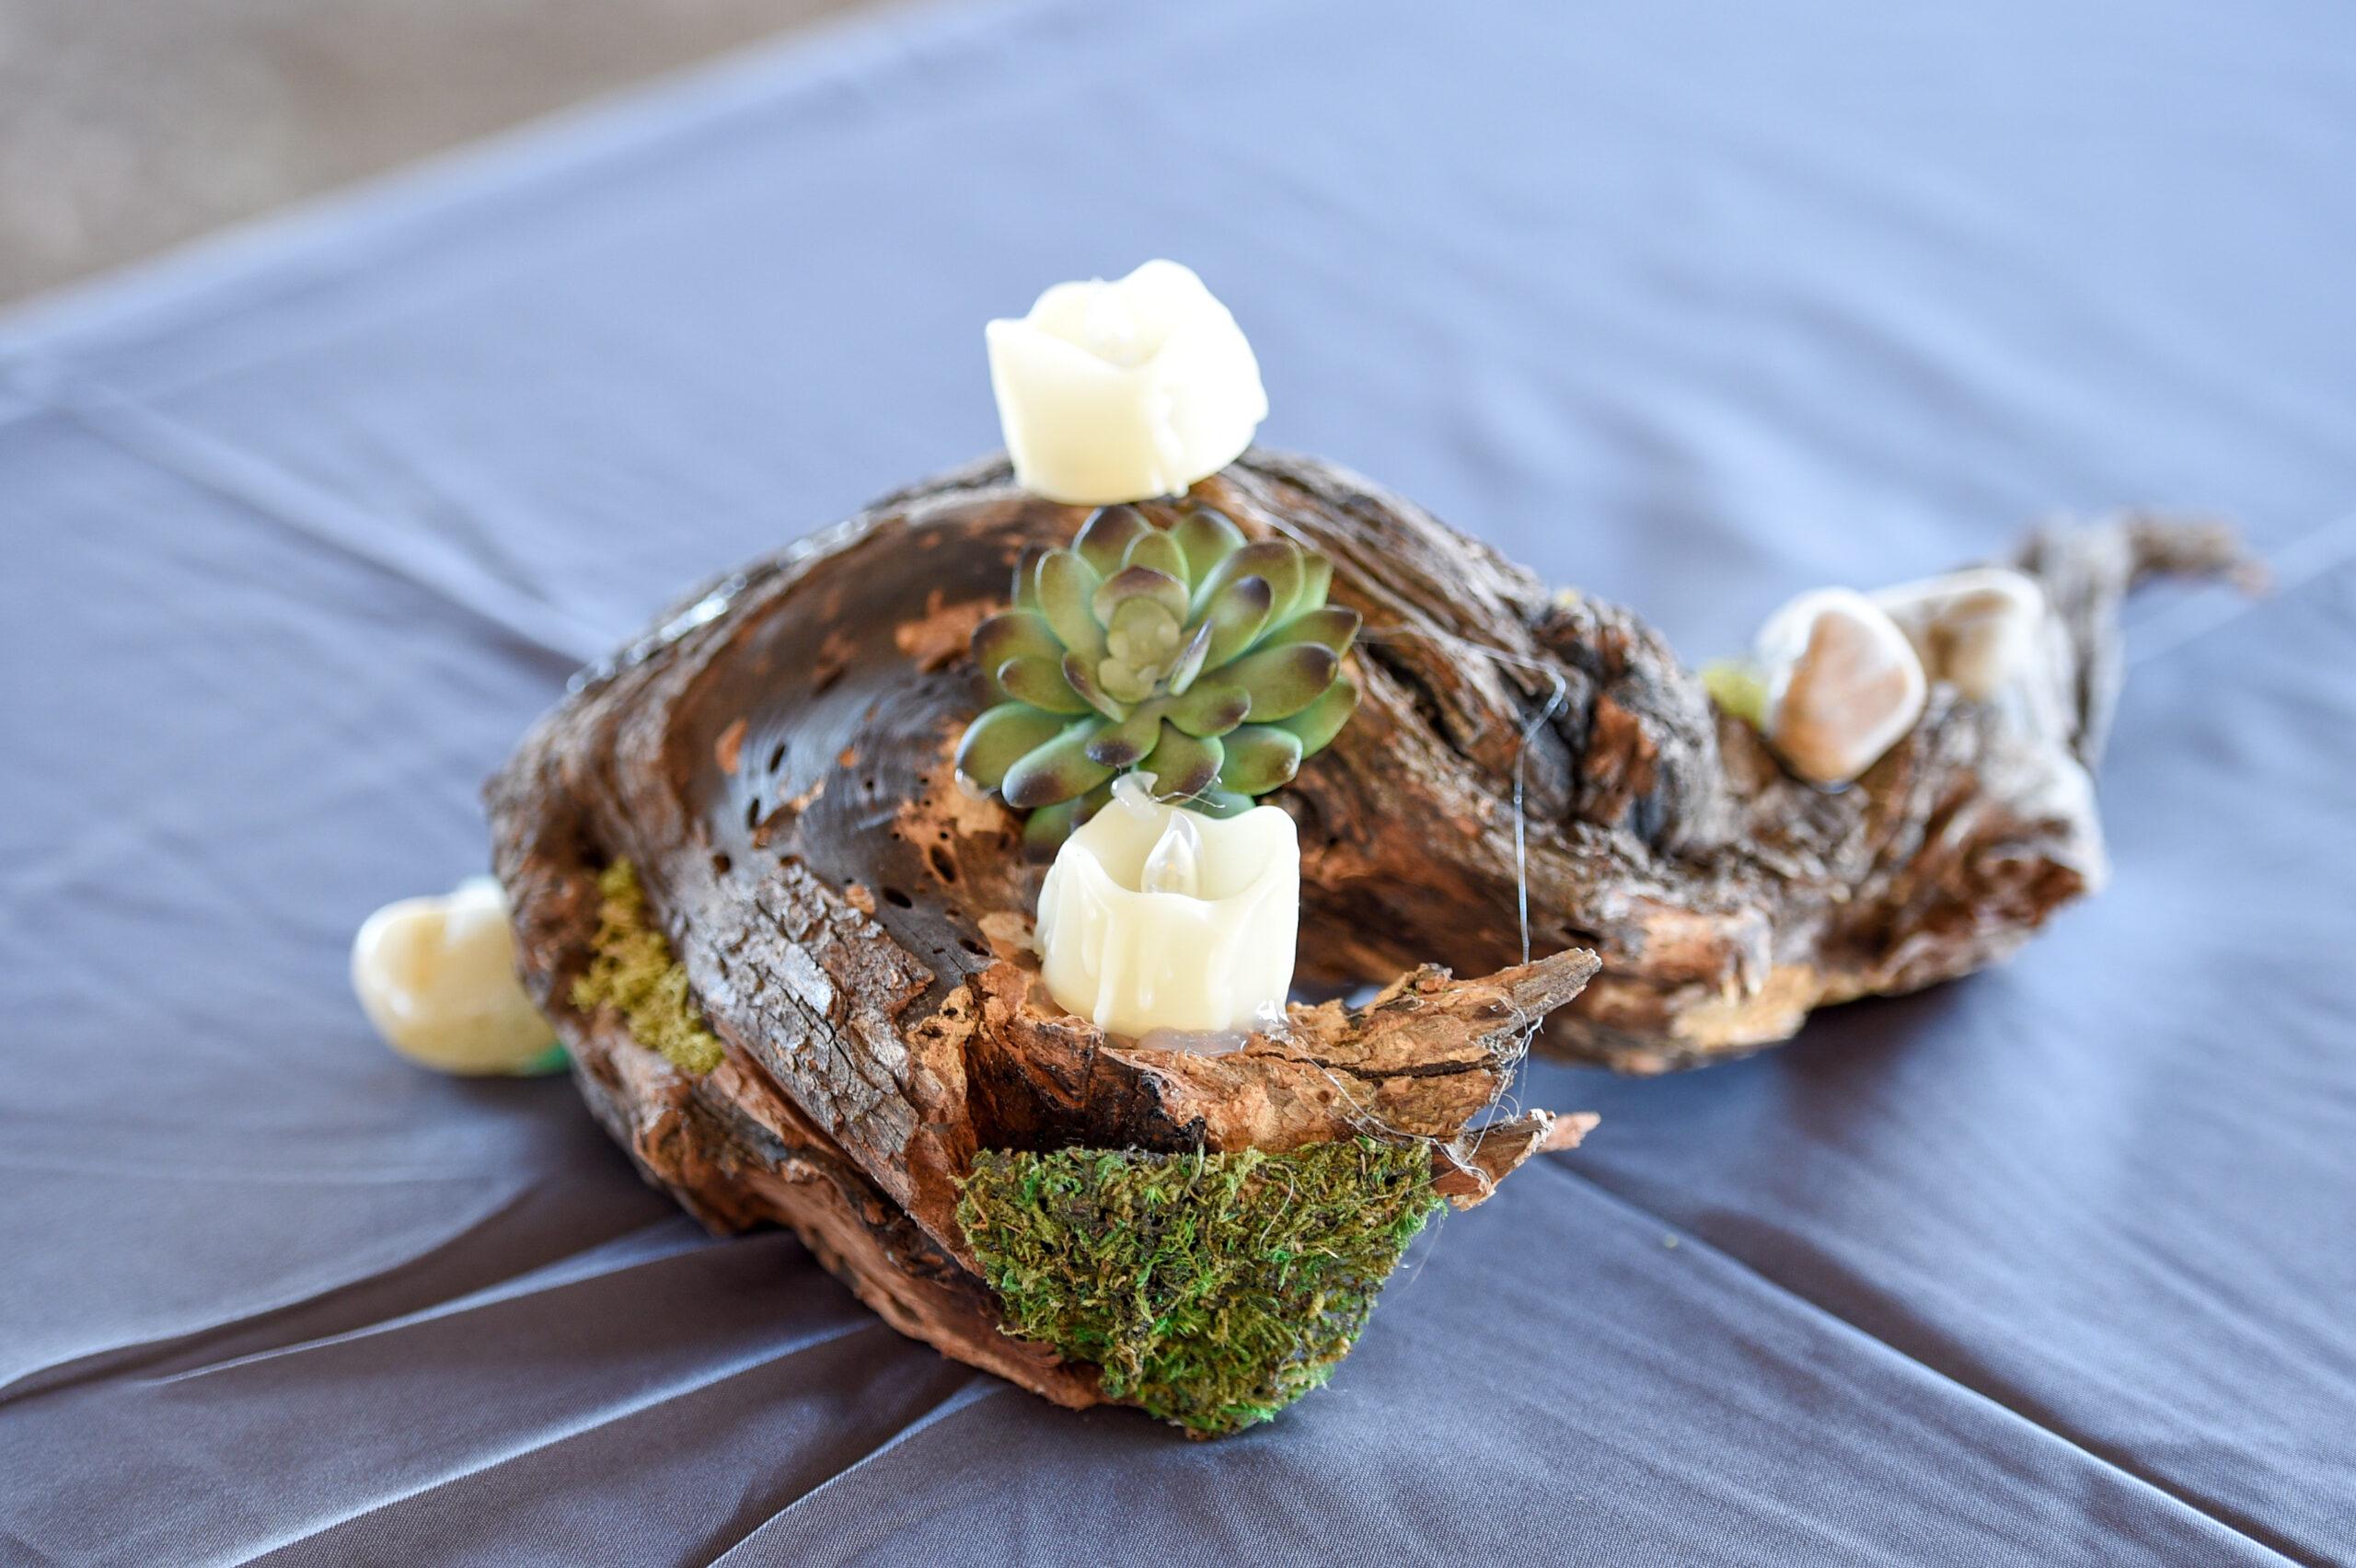 Mesquite root centerpieces